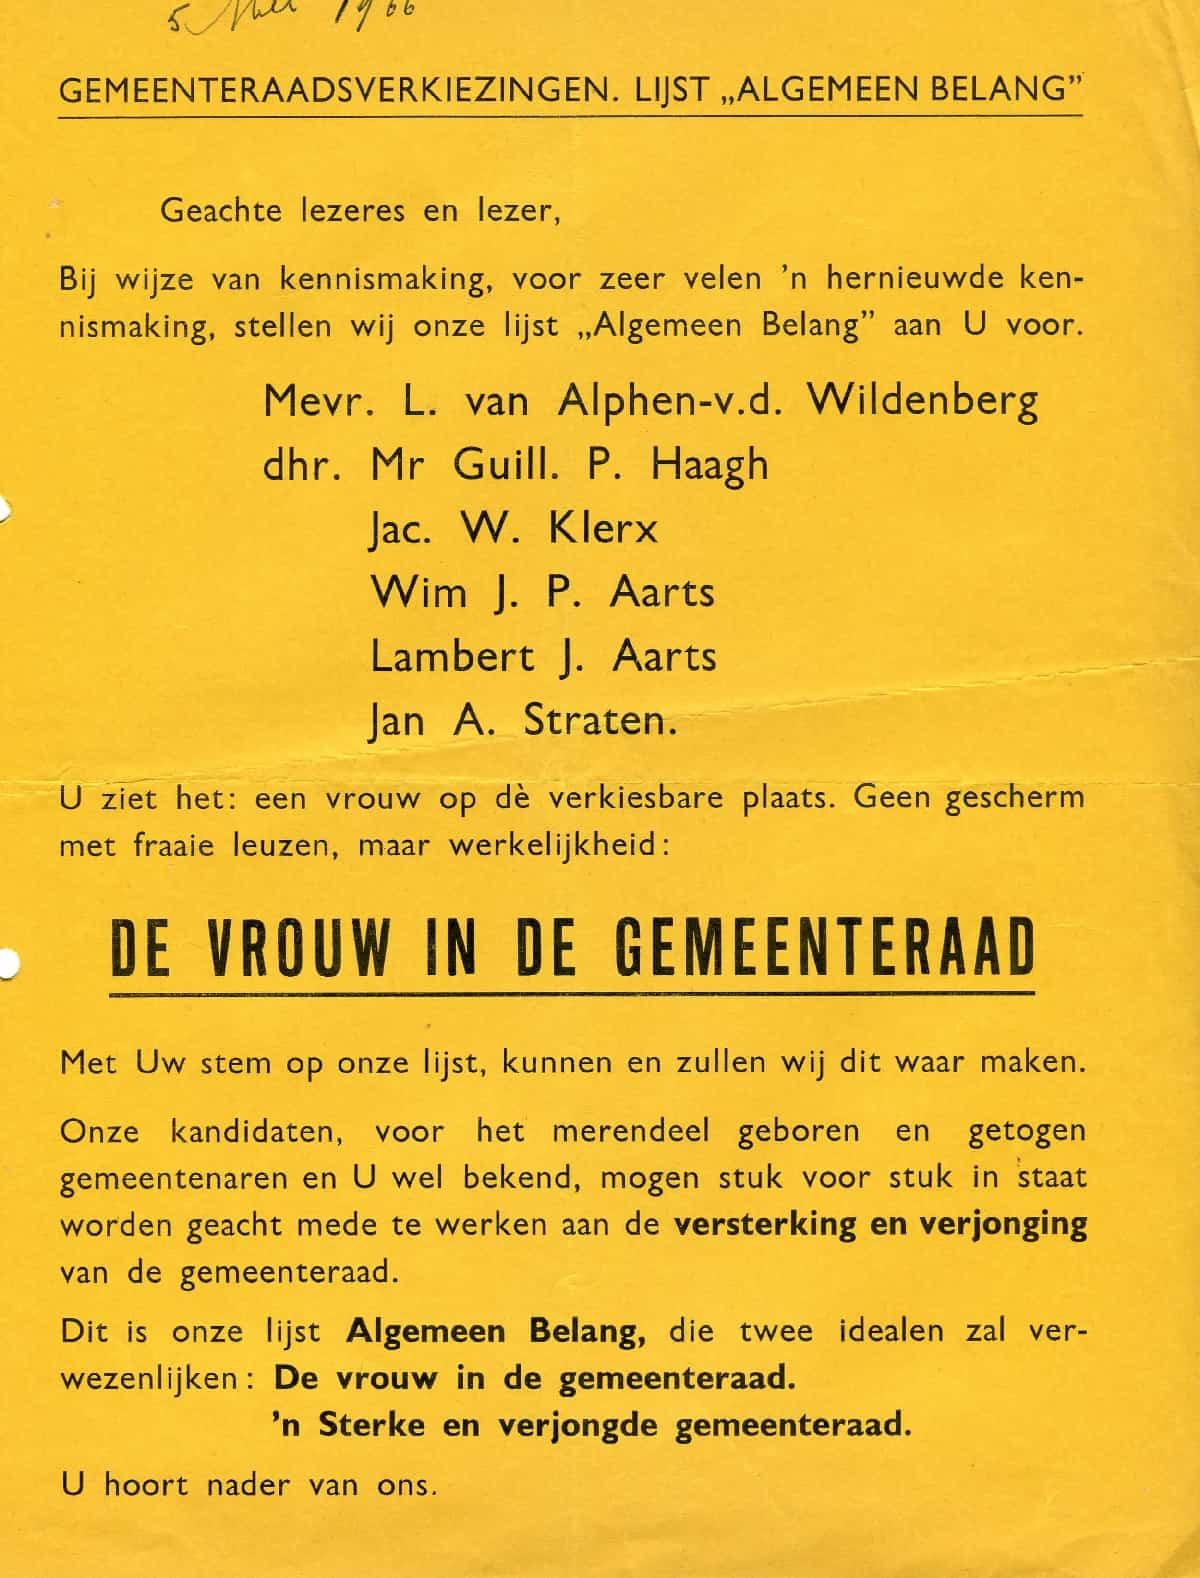 Uitzonderlijk Vrouw 1966-Lijst Algemeen Belang-lijst 8-de vrouw in de #TB96